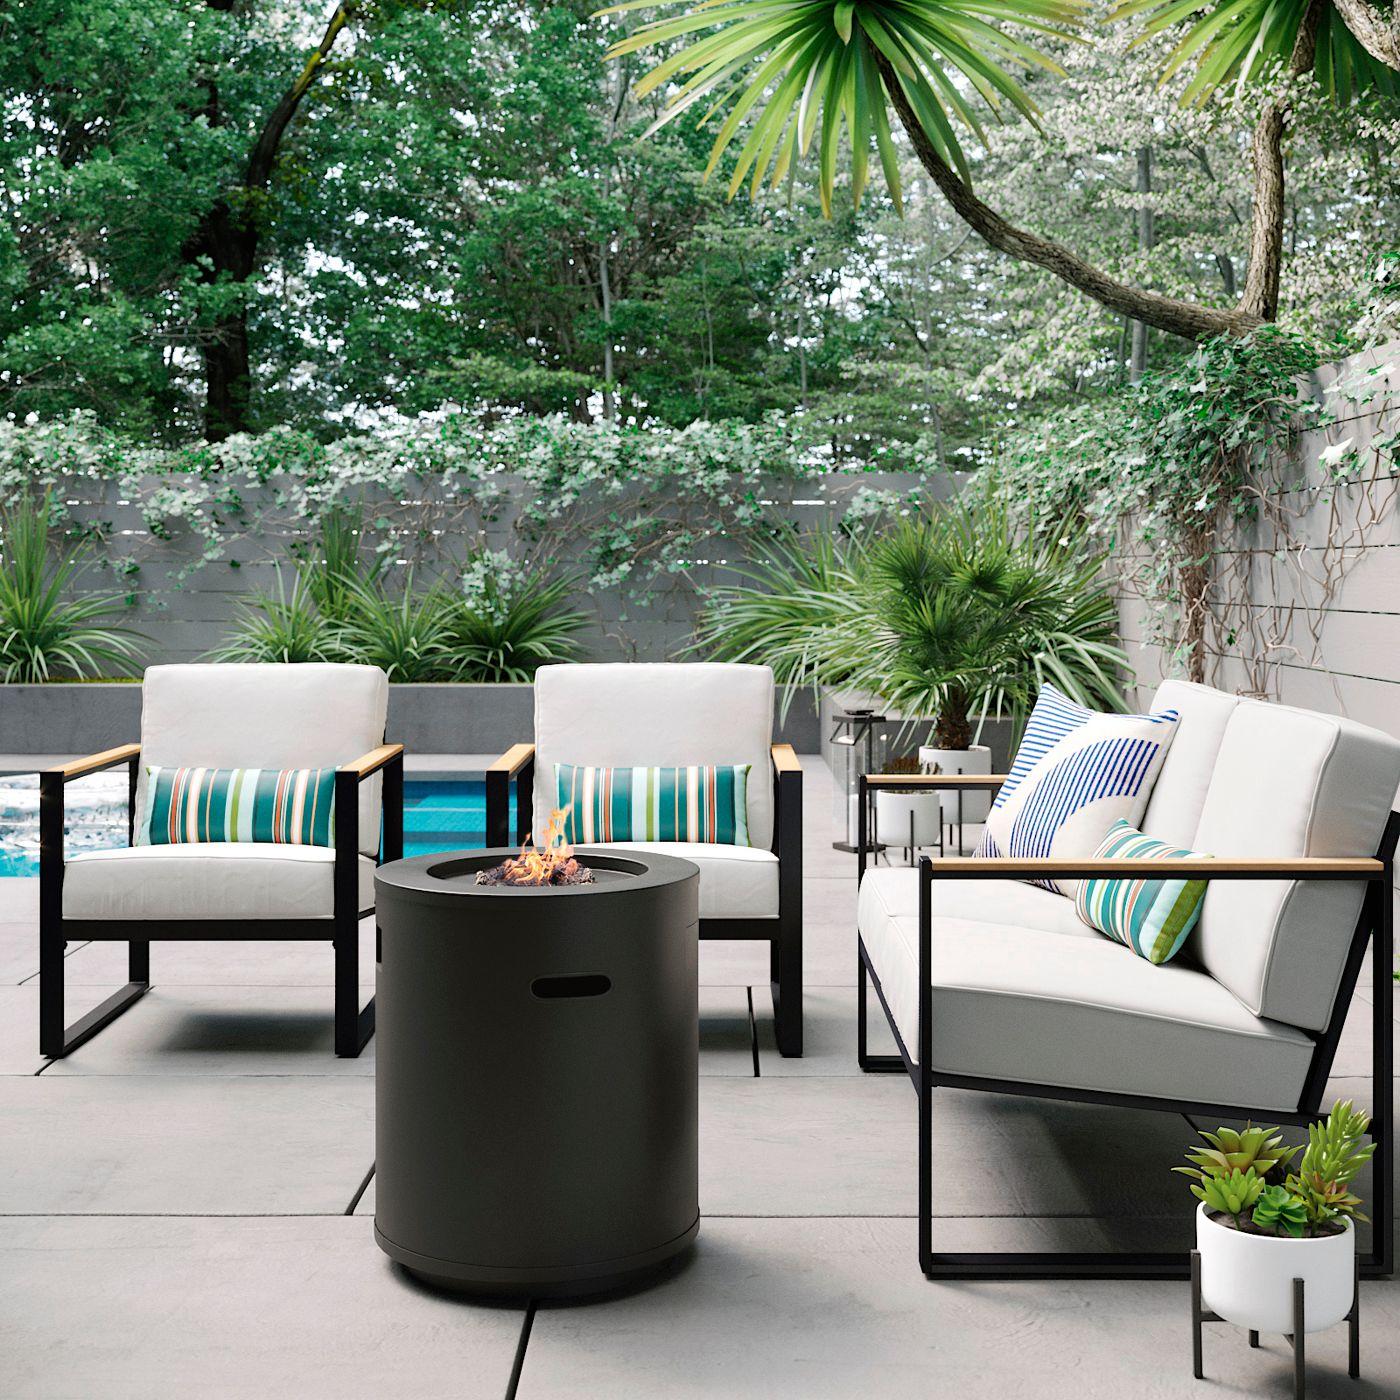 target henning patio furniture